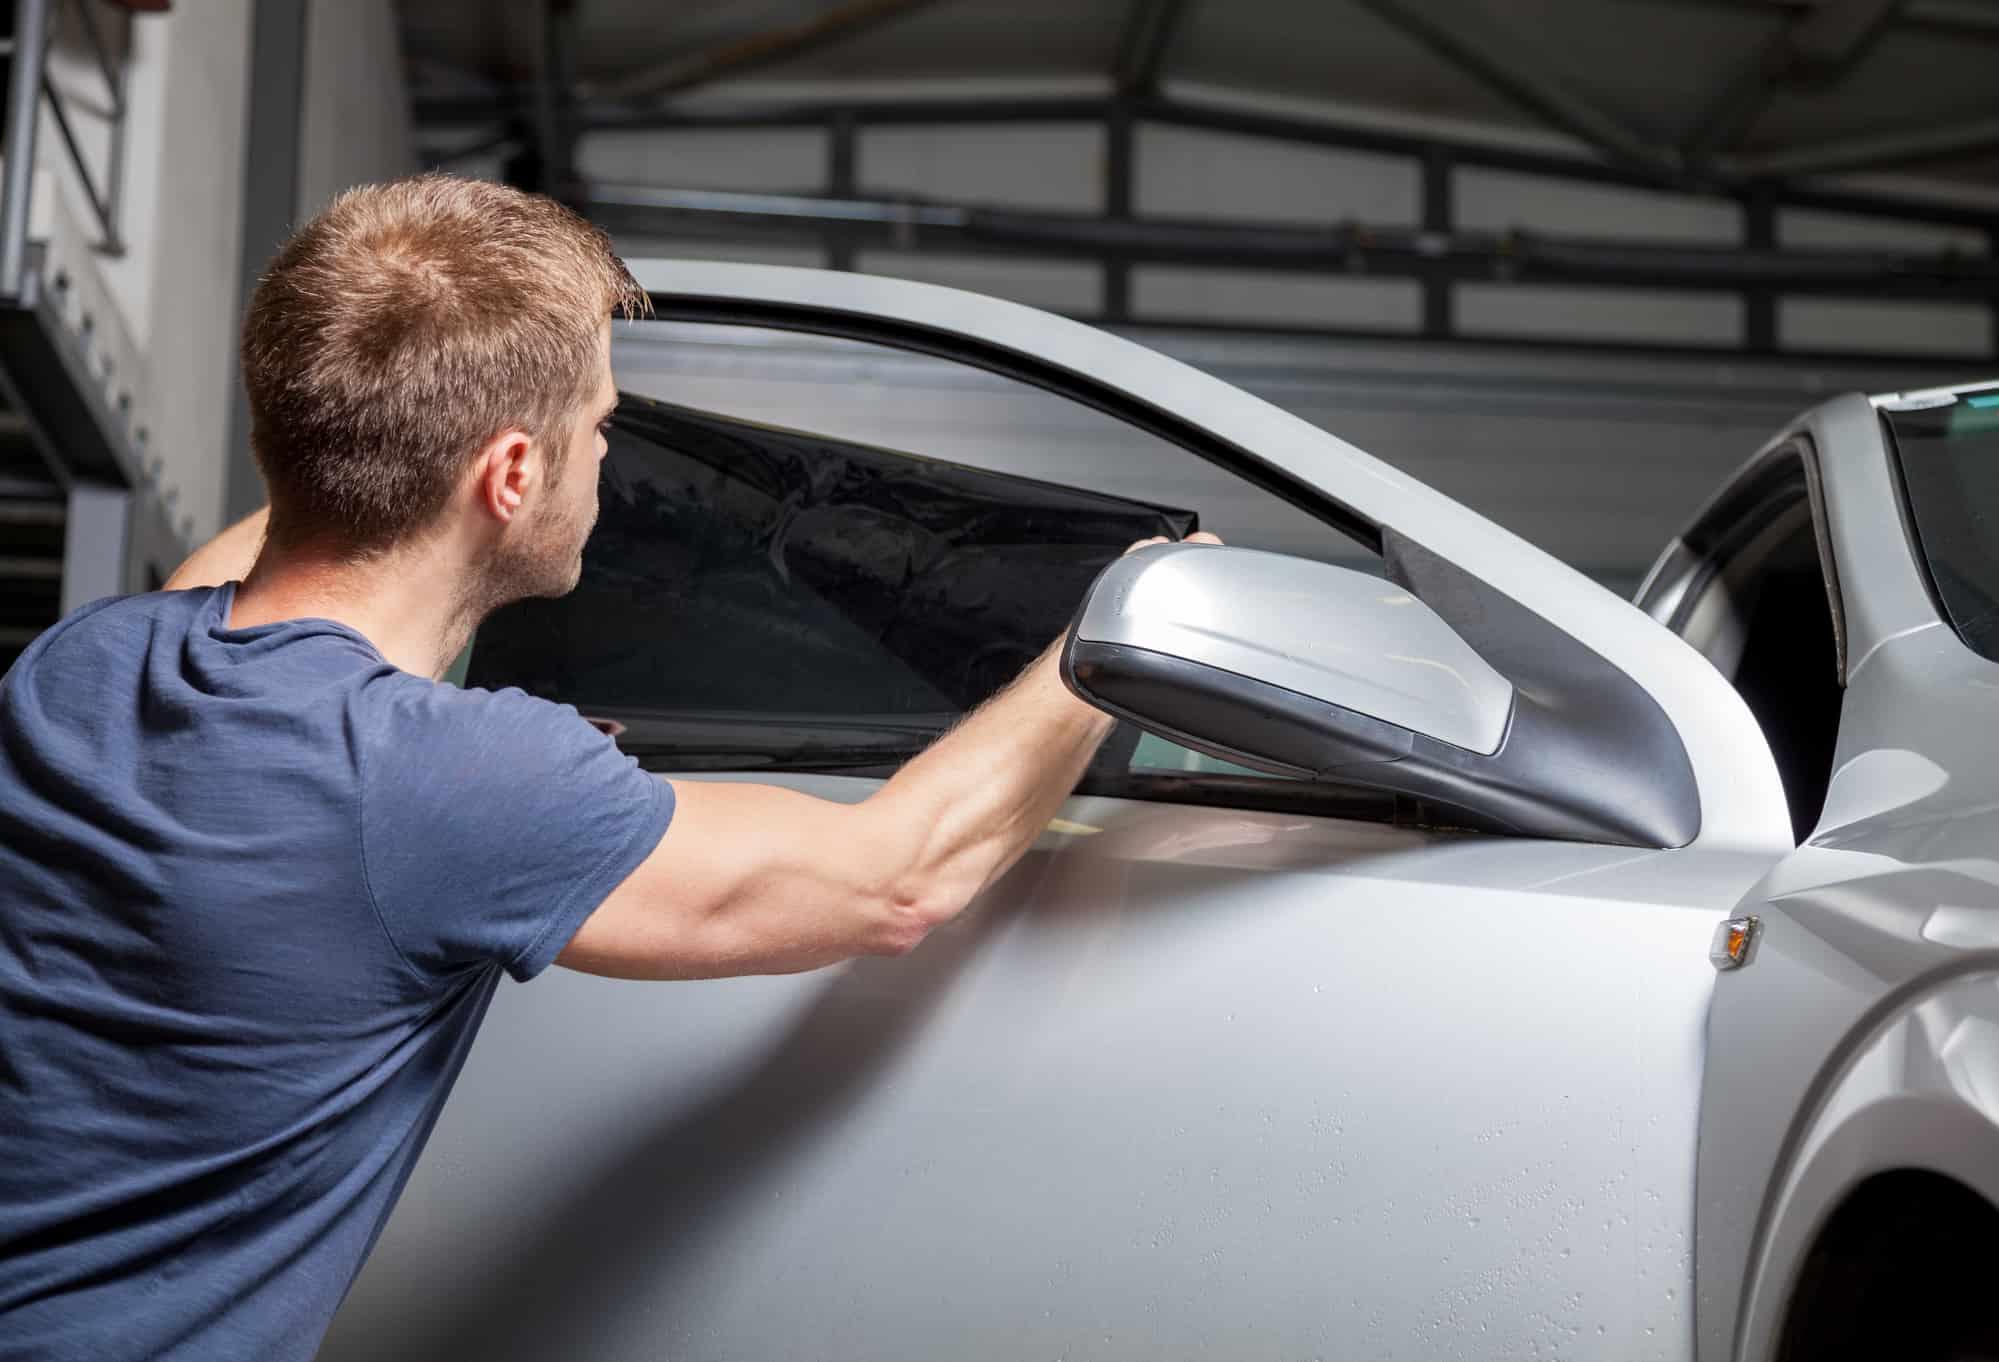 הדברת חלונות כהים לרכב בהוד השרון